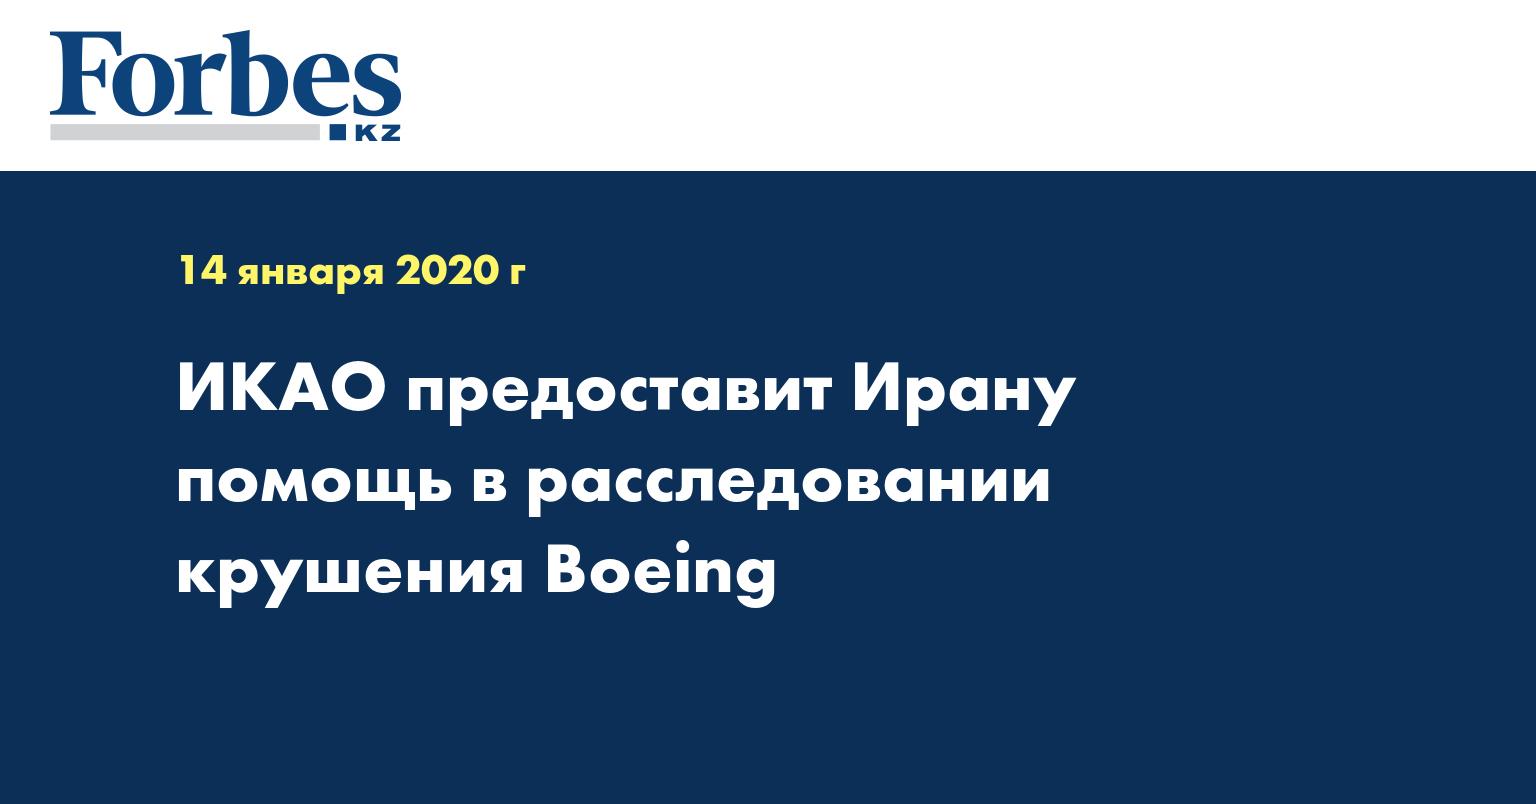 ИКАО предоставит Ирану помощь в расследовании крушения Boeing